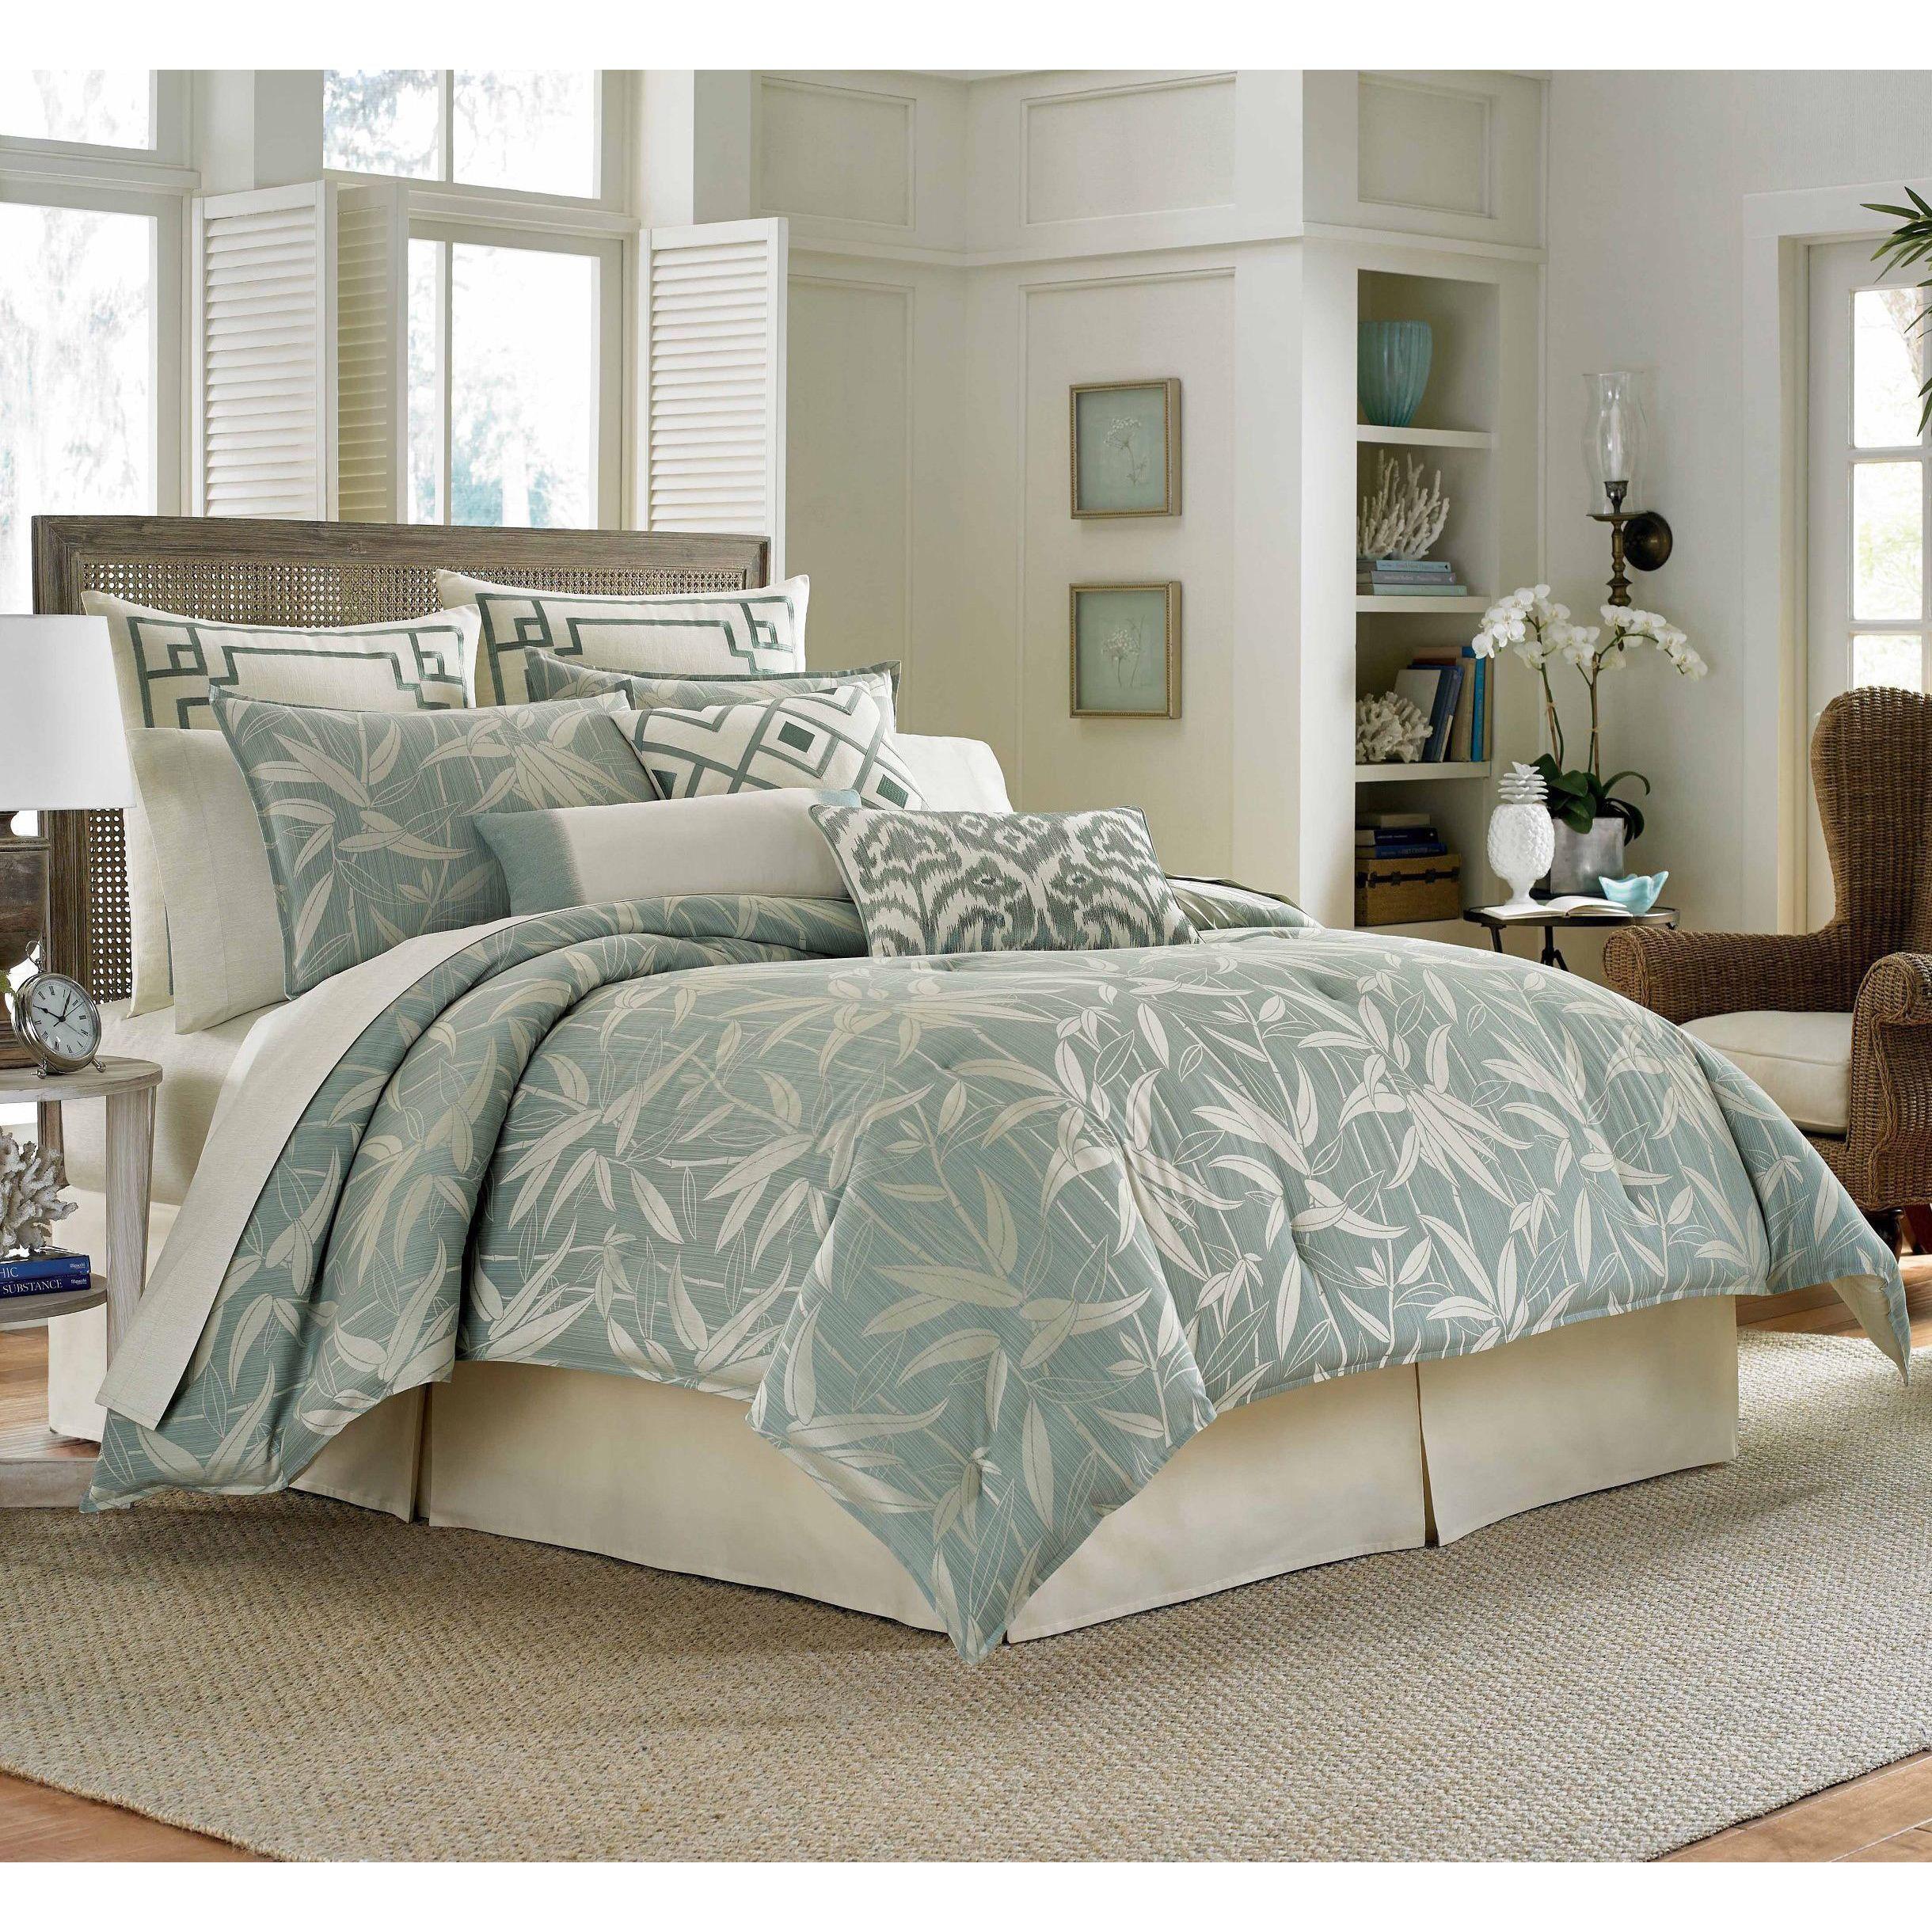 all bed sheets reviews alternative bamboo season elite from bath ca duvet down royal wayfair pdp rayon